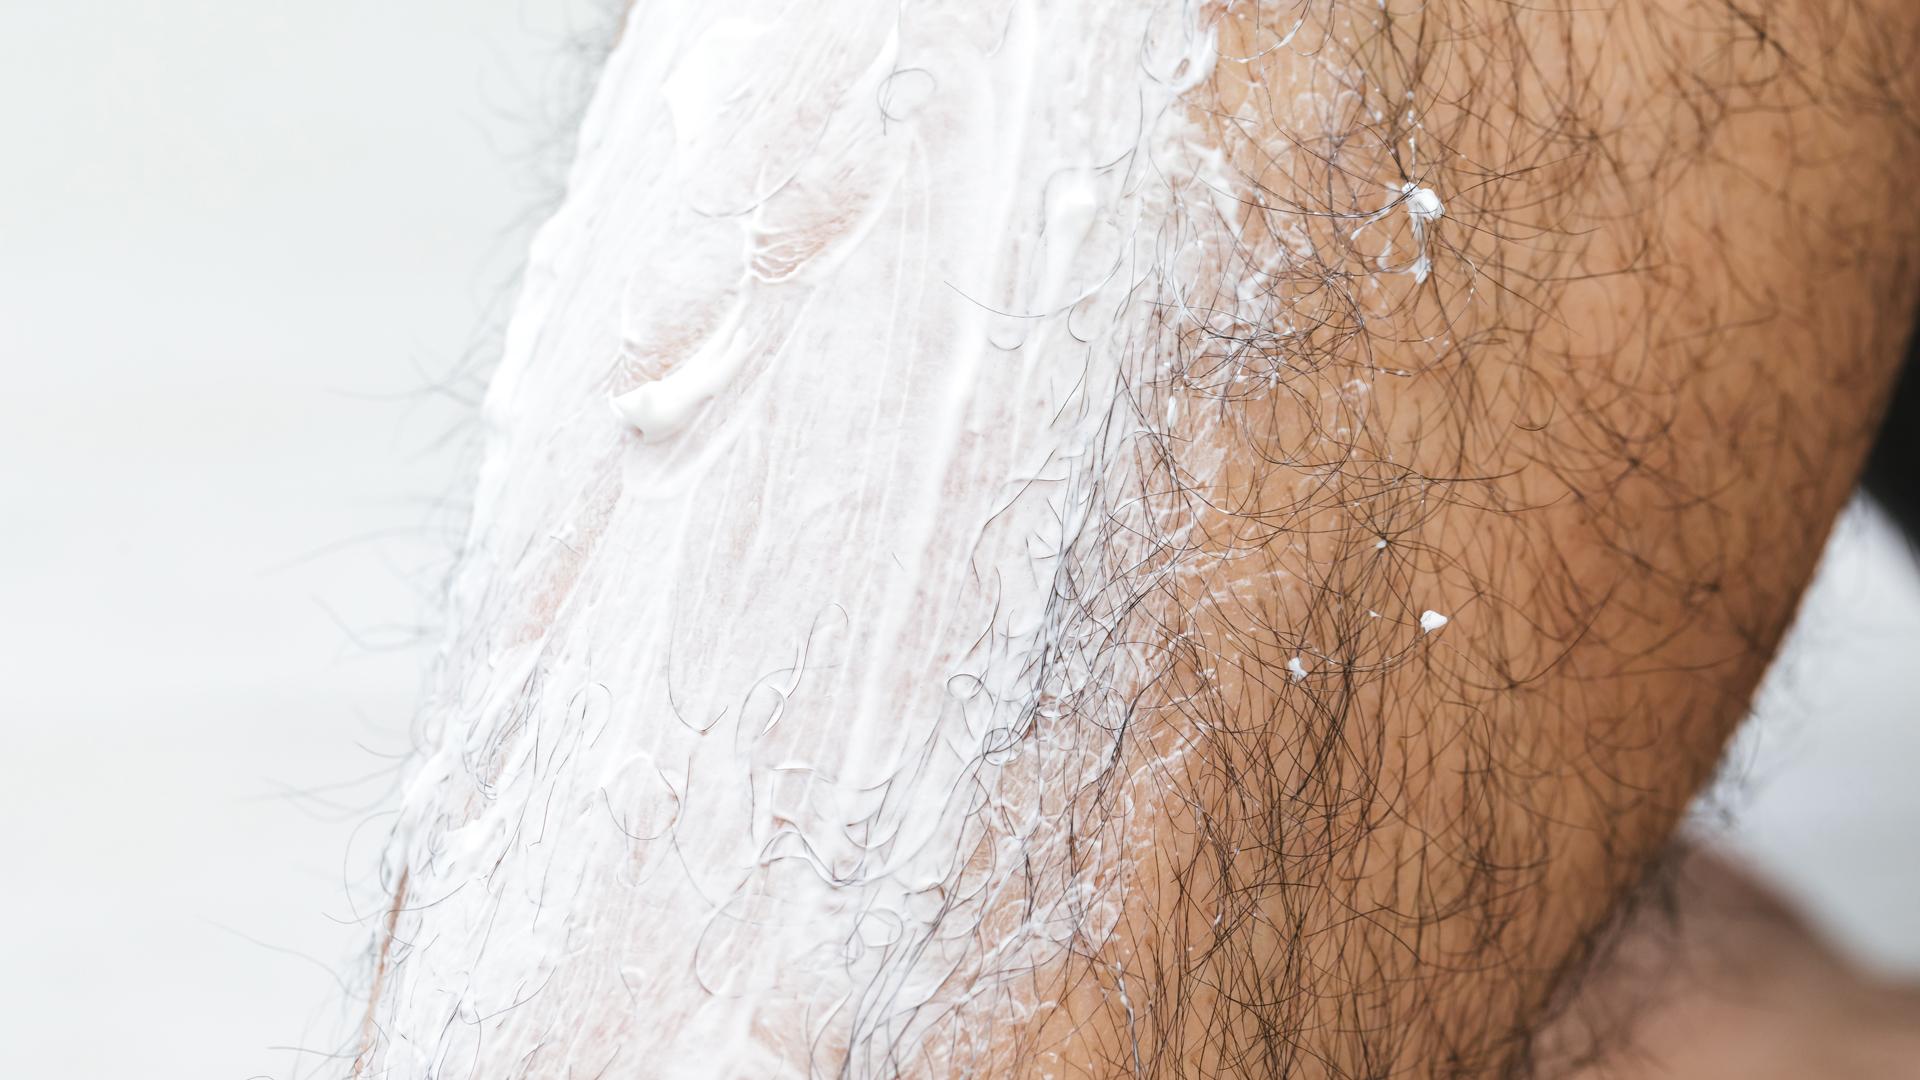 【メンズ】脱毛クリームのすべての疑問を解説!毛が濃くなる?痛みがある?